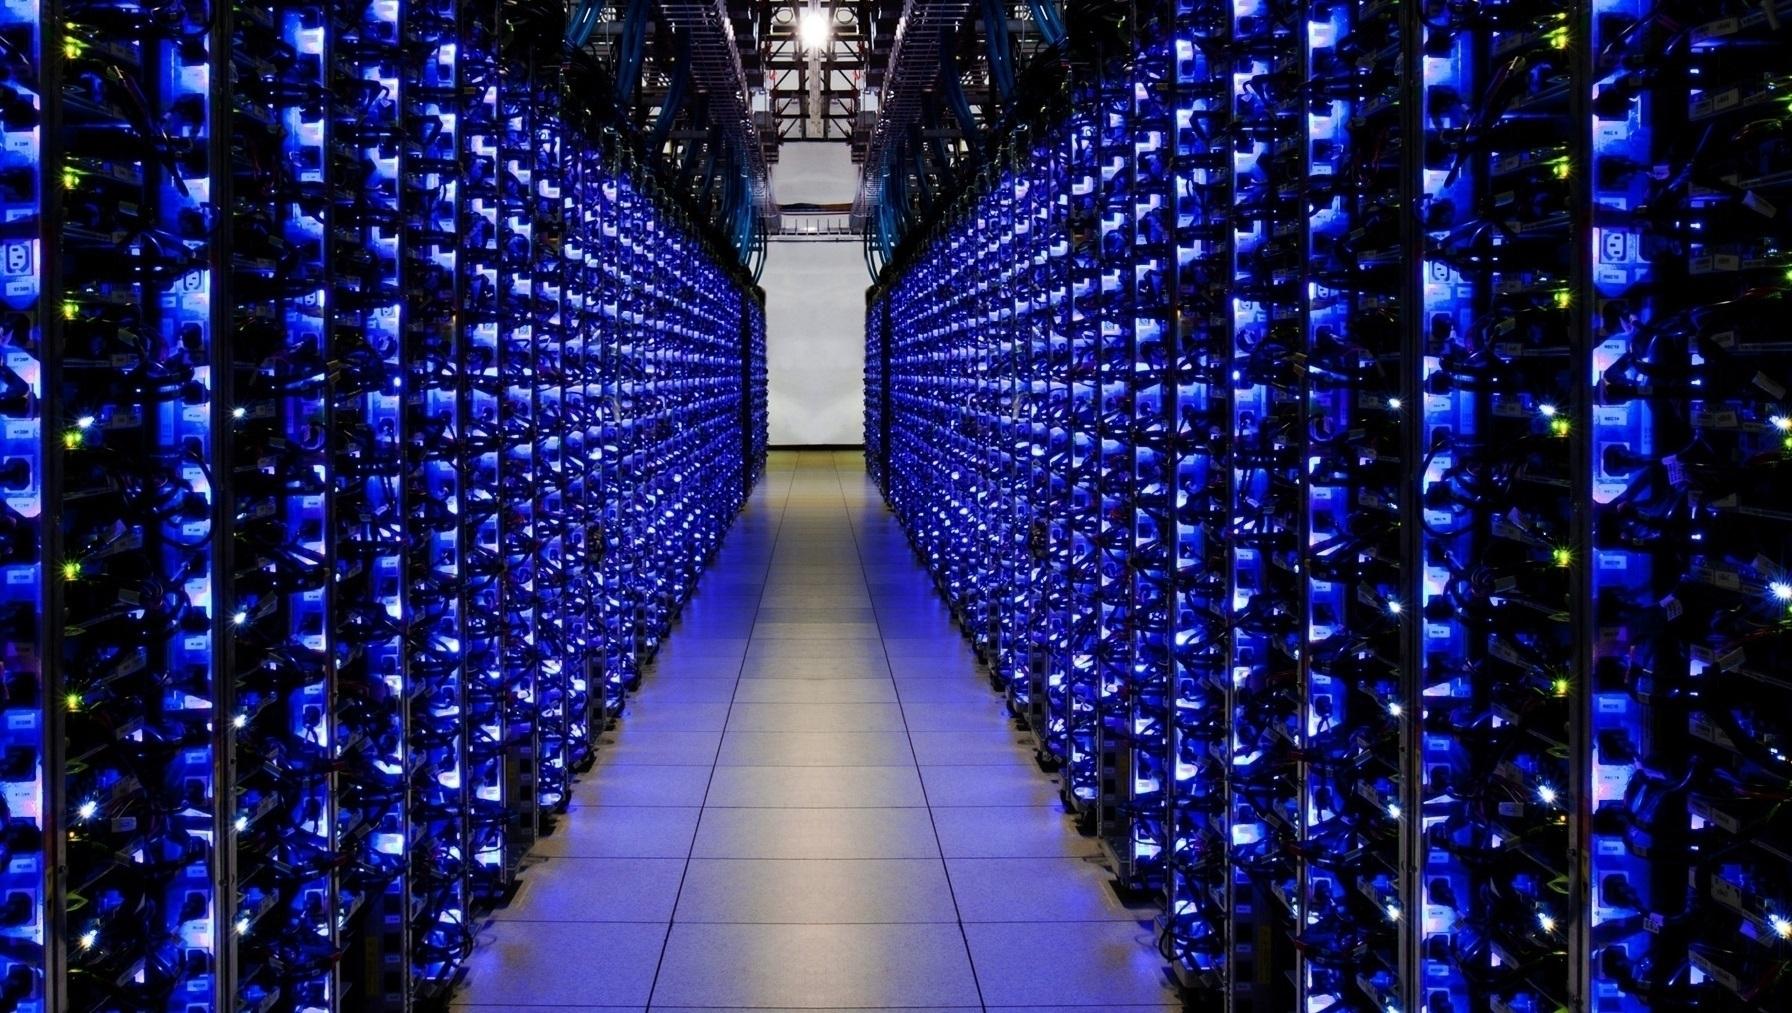 В Центре занятости молодежи крупнейшие специалисты обсудят будущее IT-индустрии